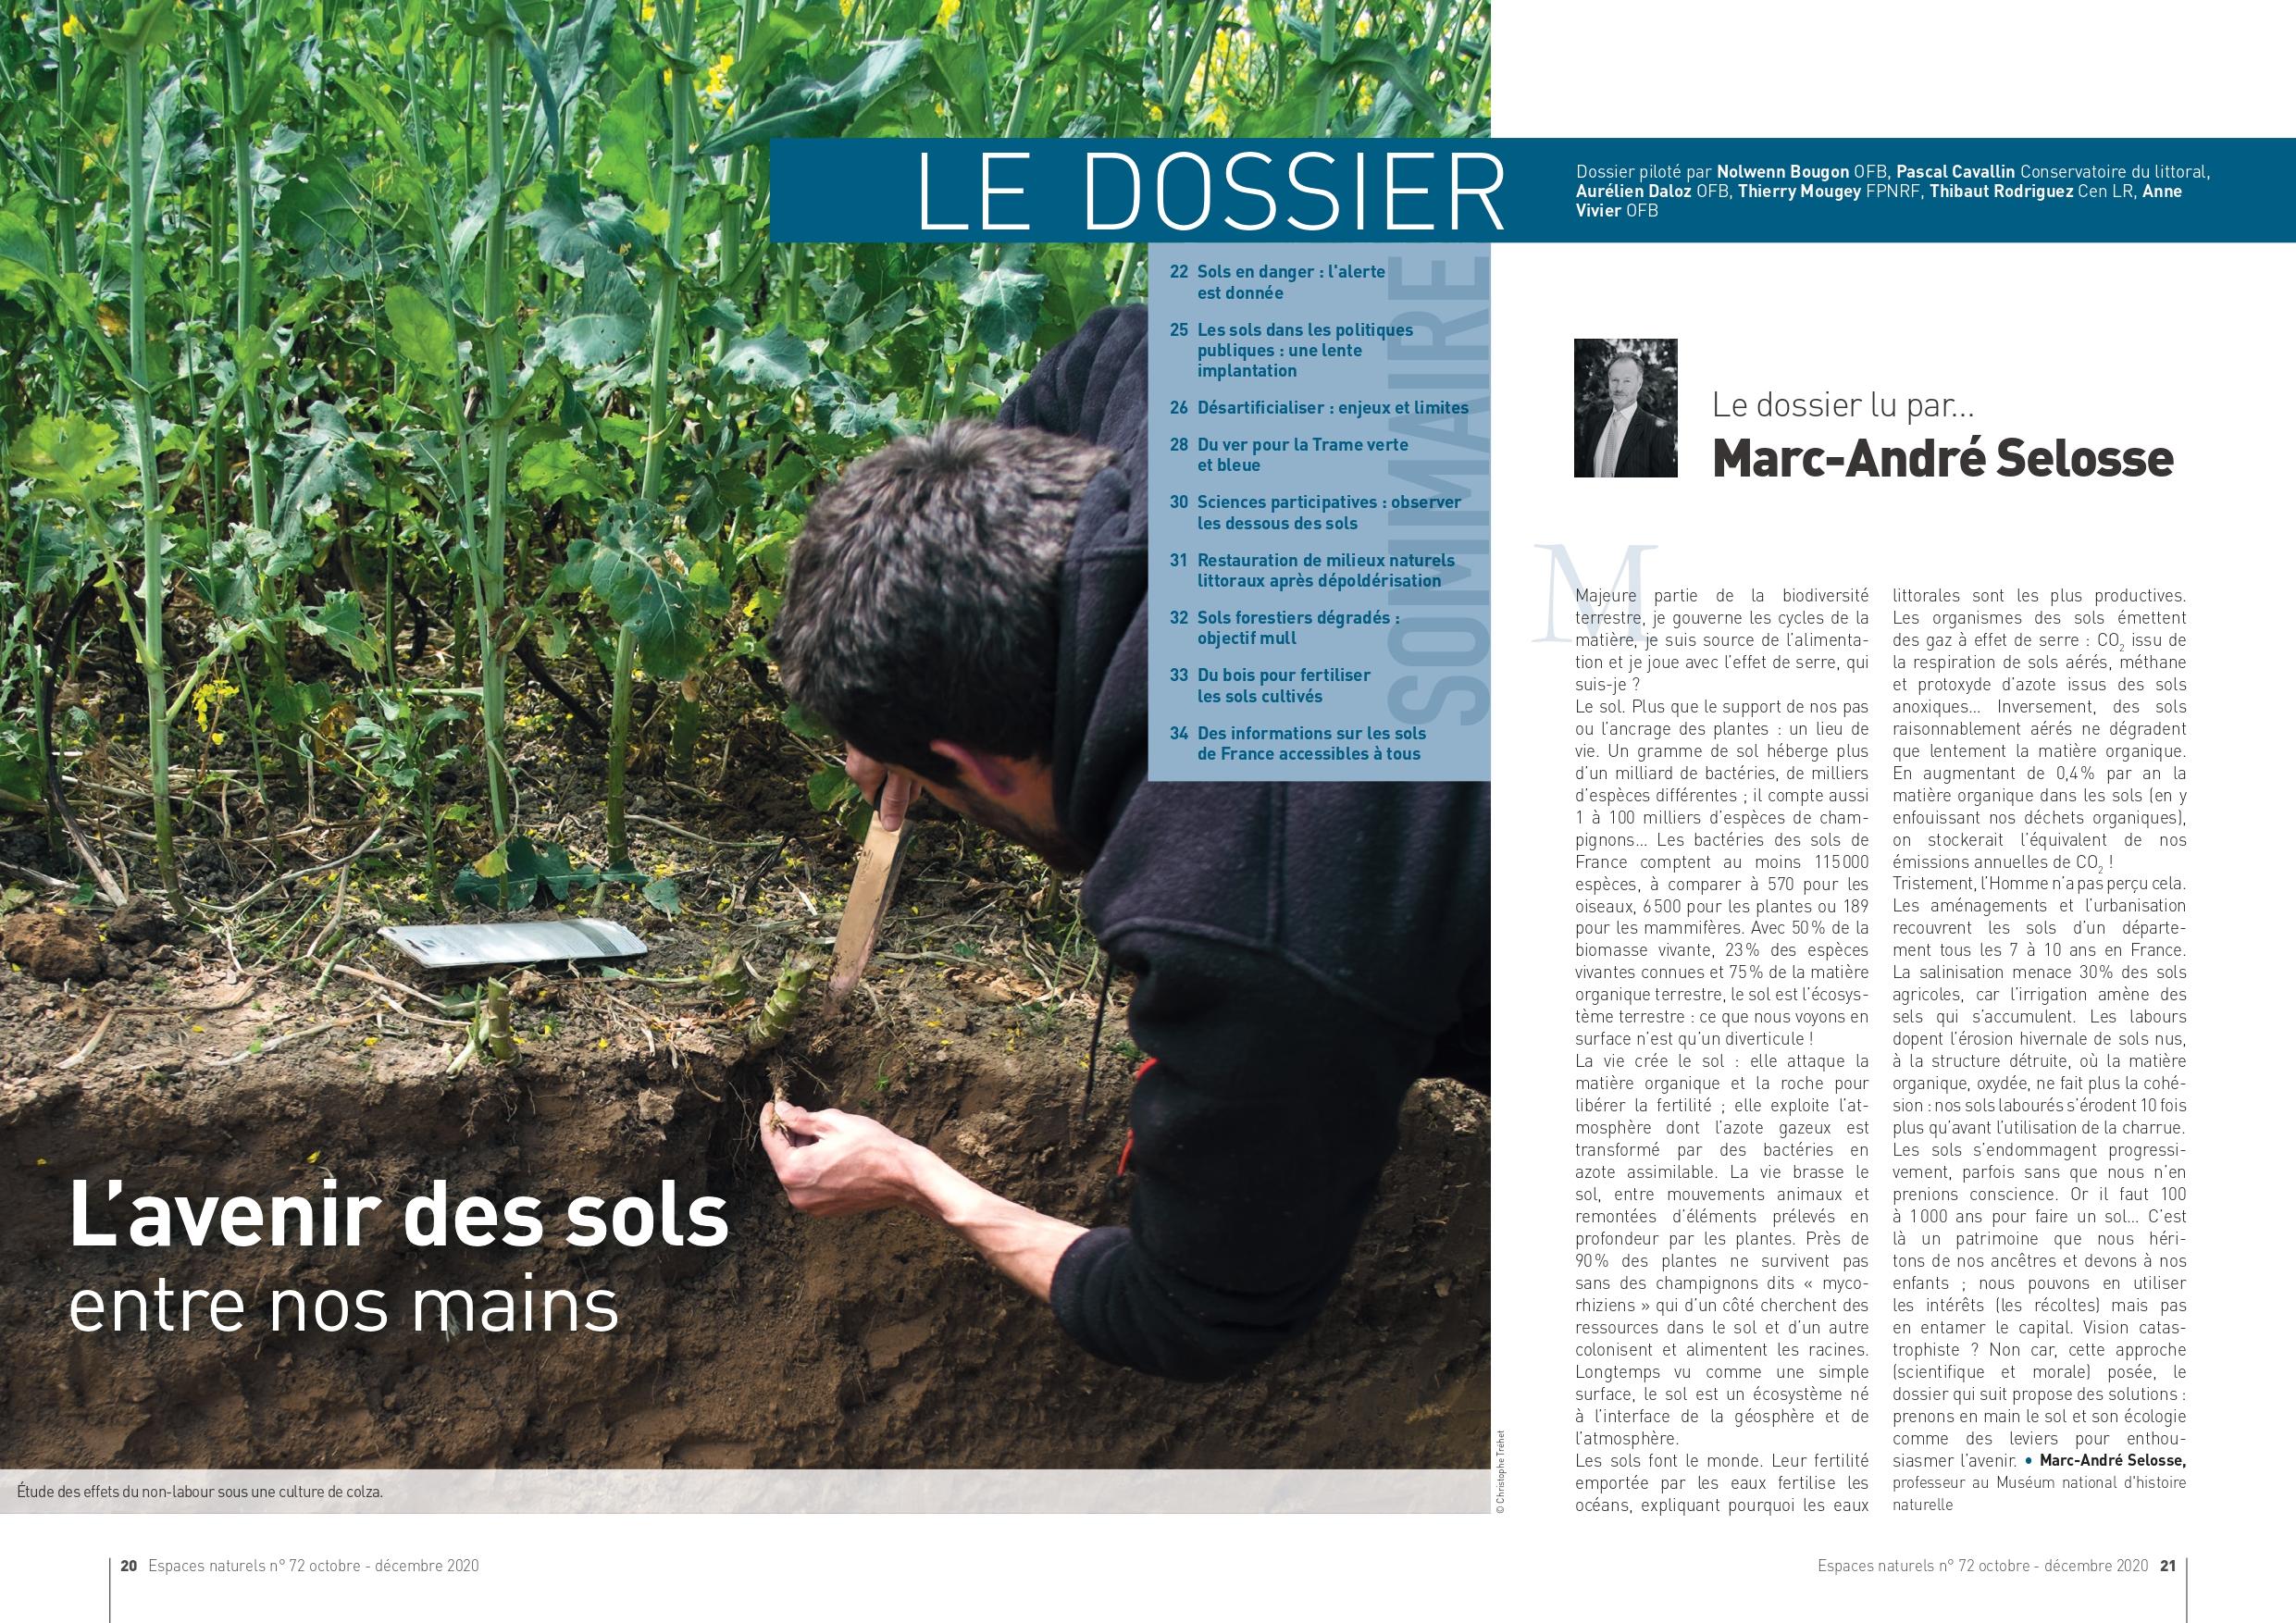 Étude des effets du non-labour sous une culture de colza.          © Christophe Tréhet